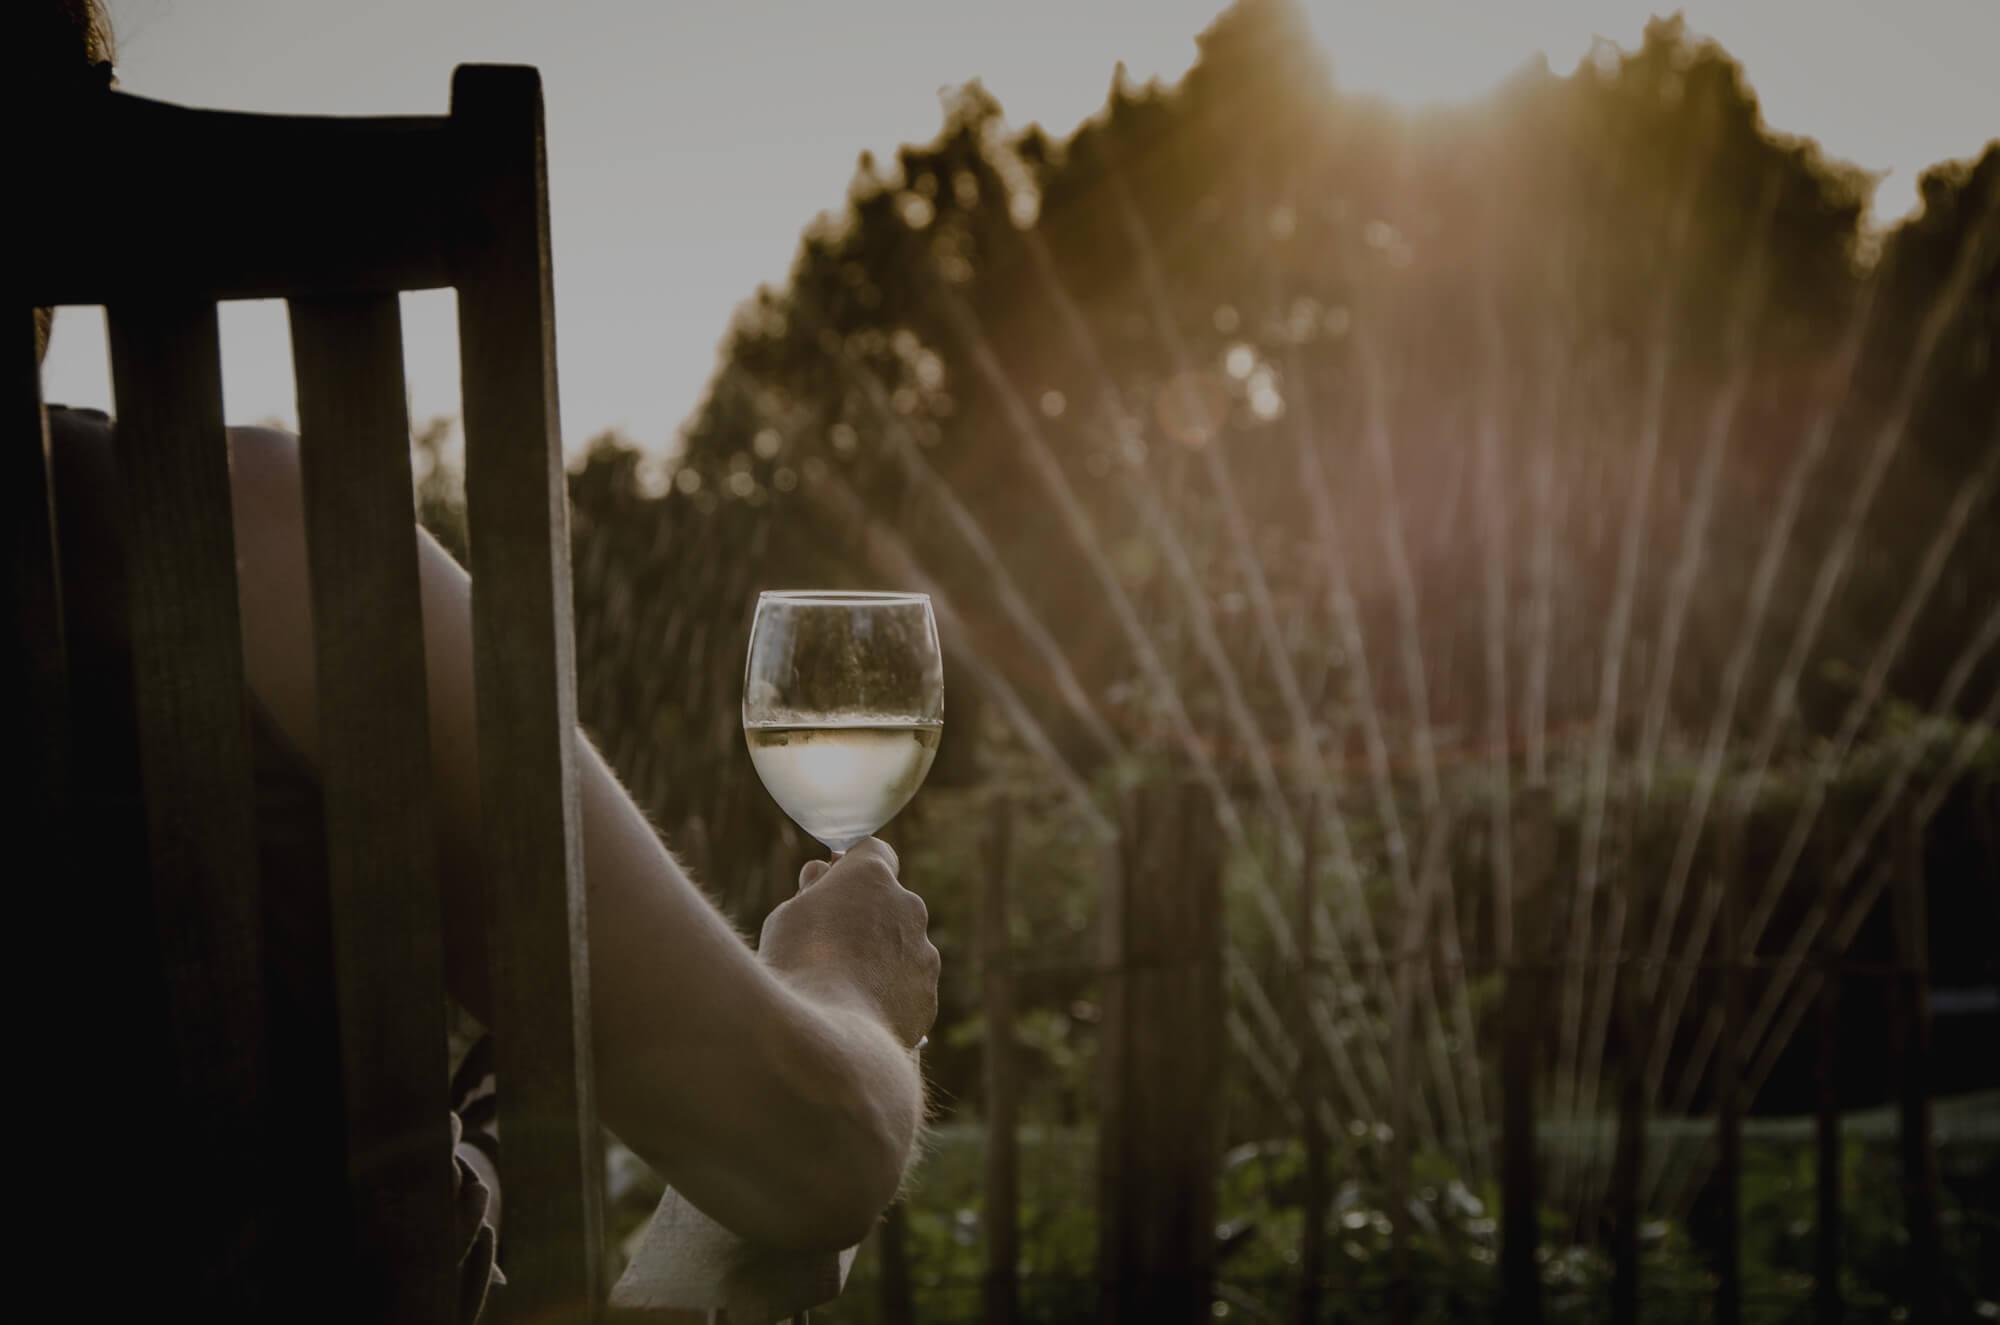 Weinglas gemütlich beim entspannen im Garten geschwenkt